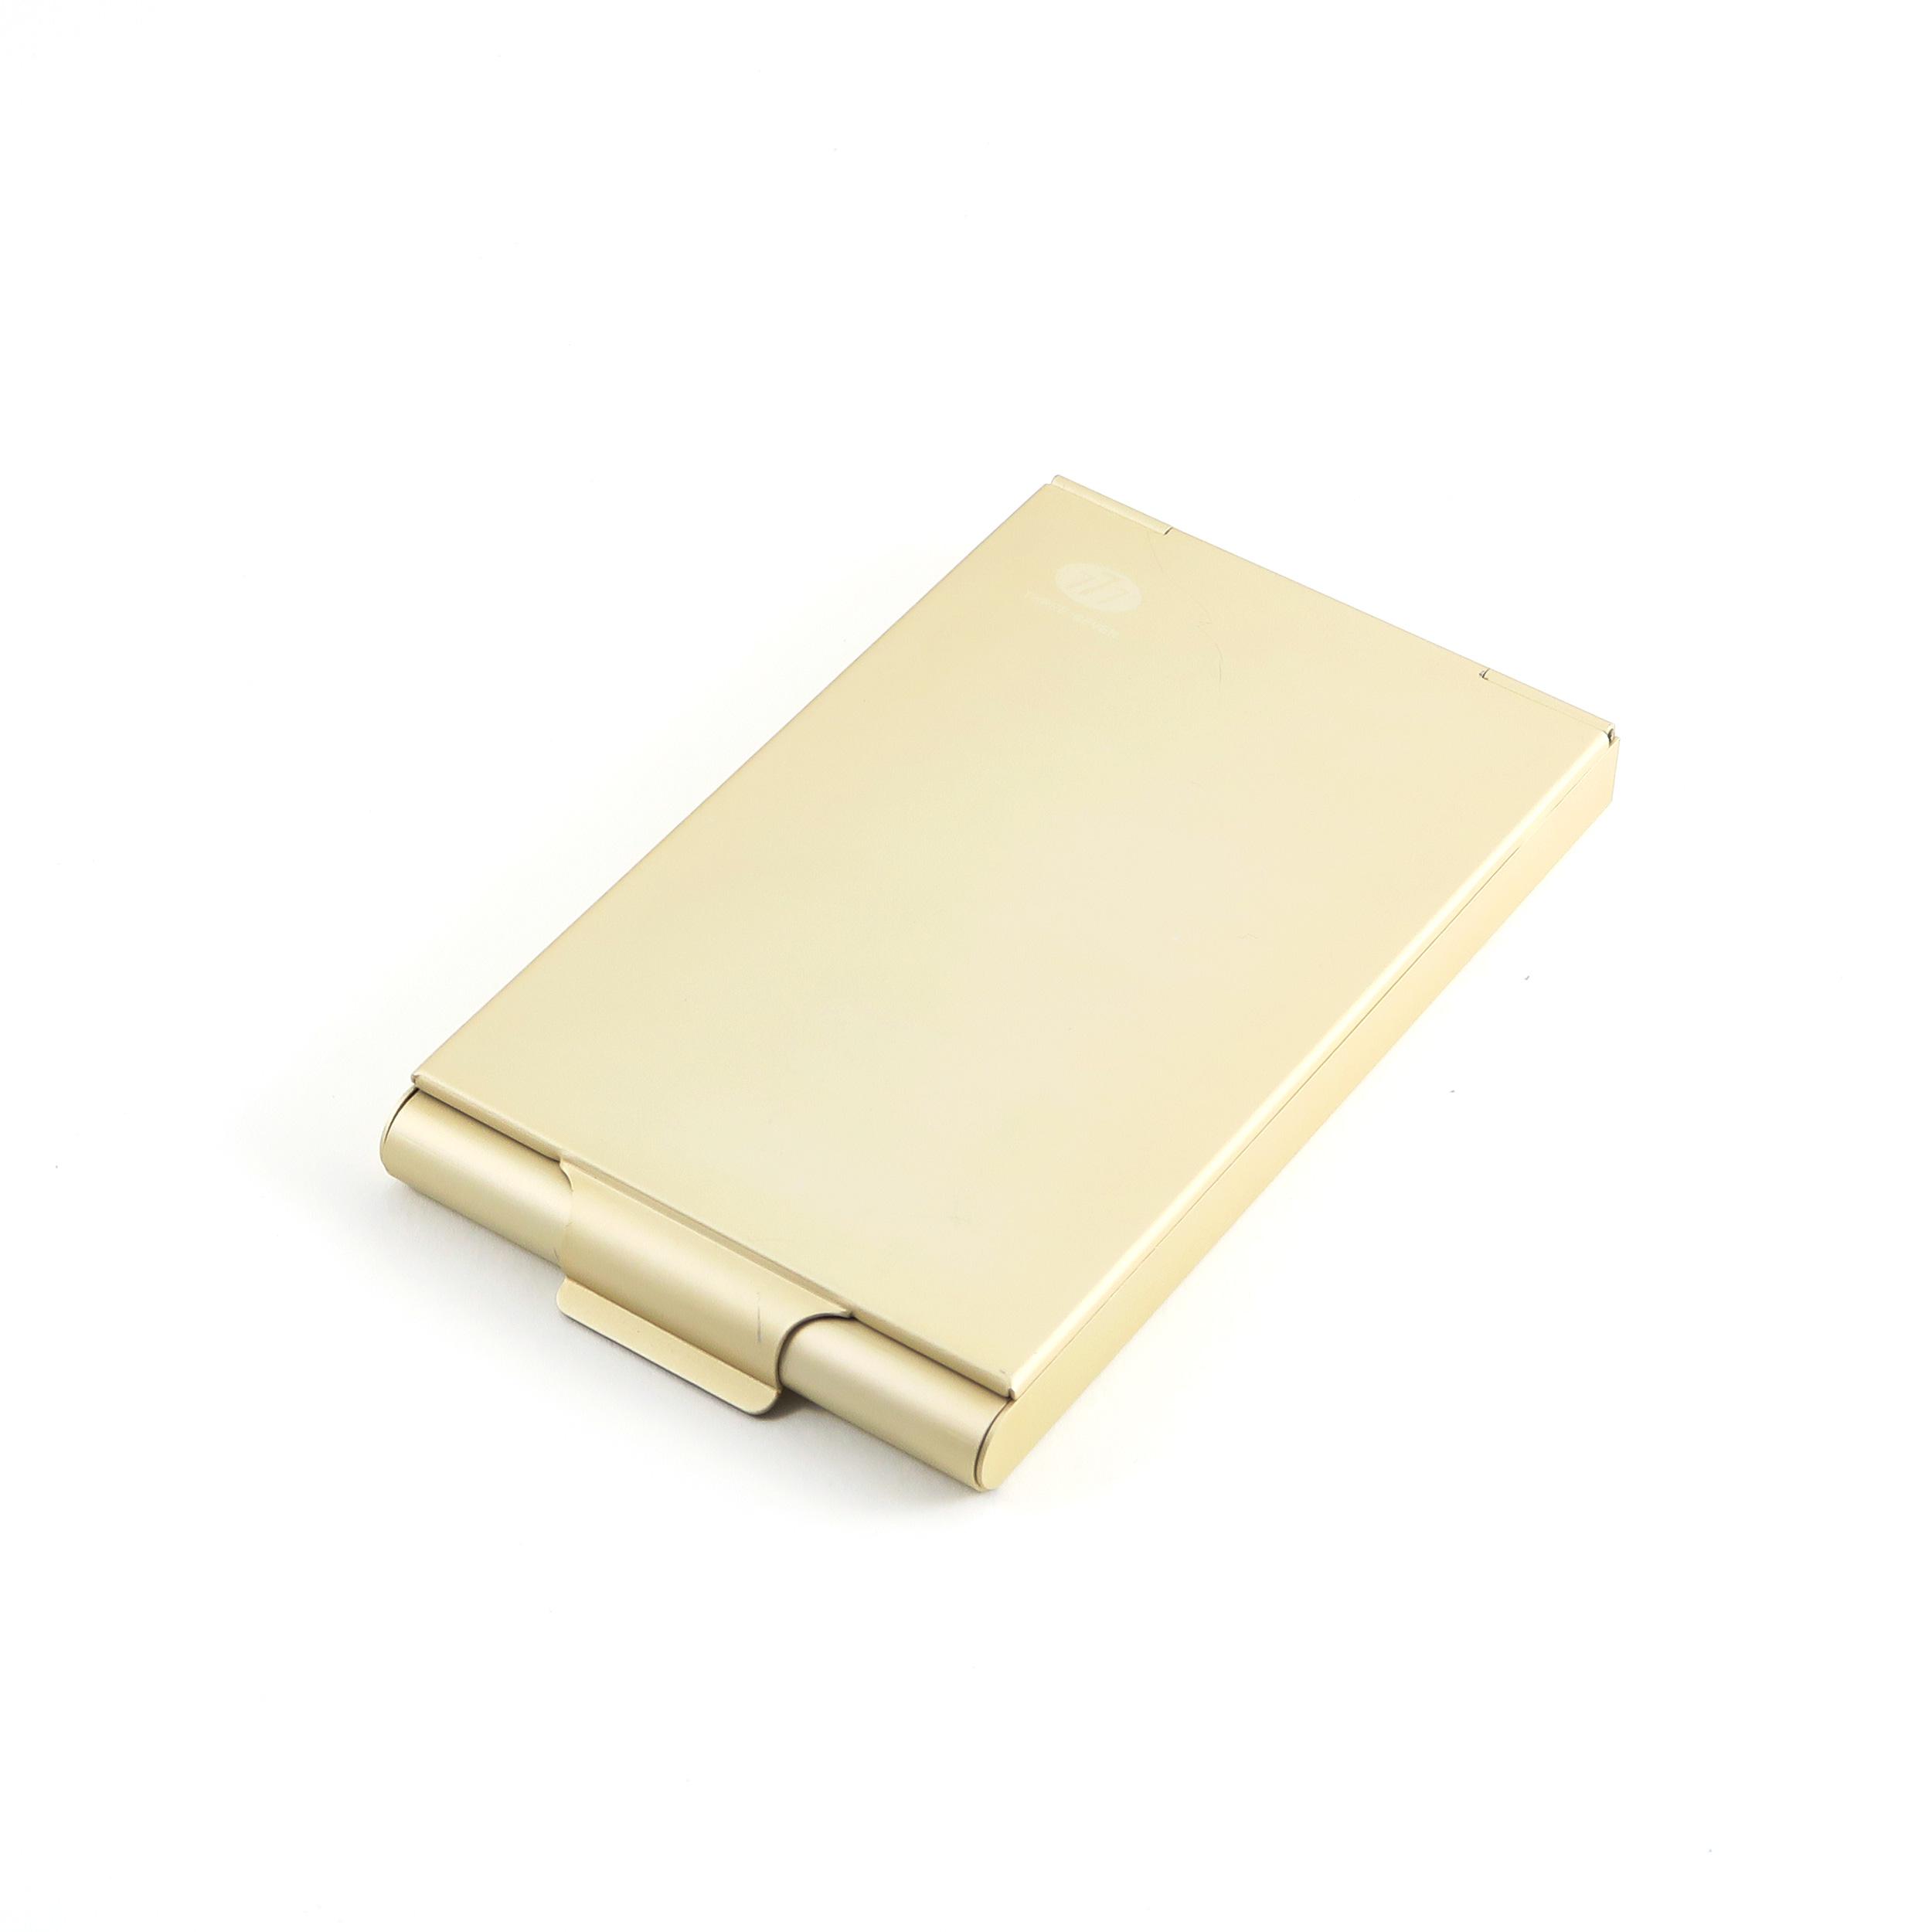 ست مانیکور تری سون مدل DS-12110G بسته ۶ عددی